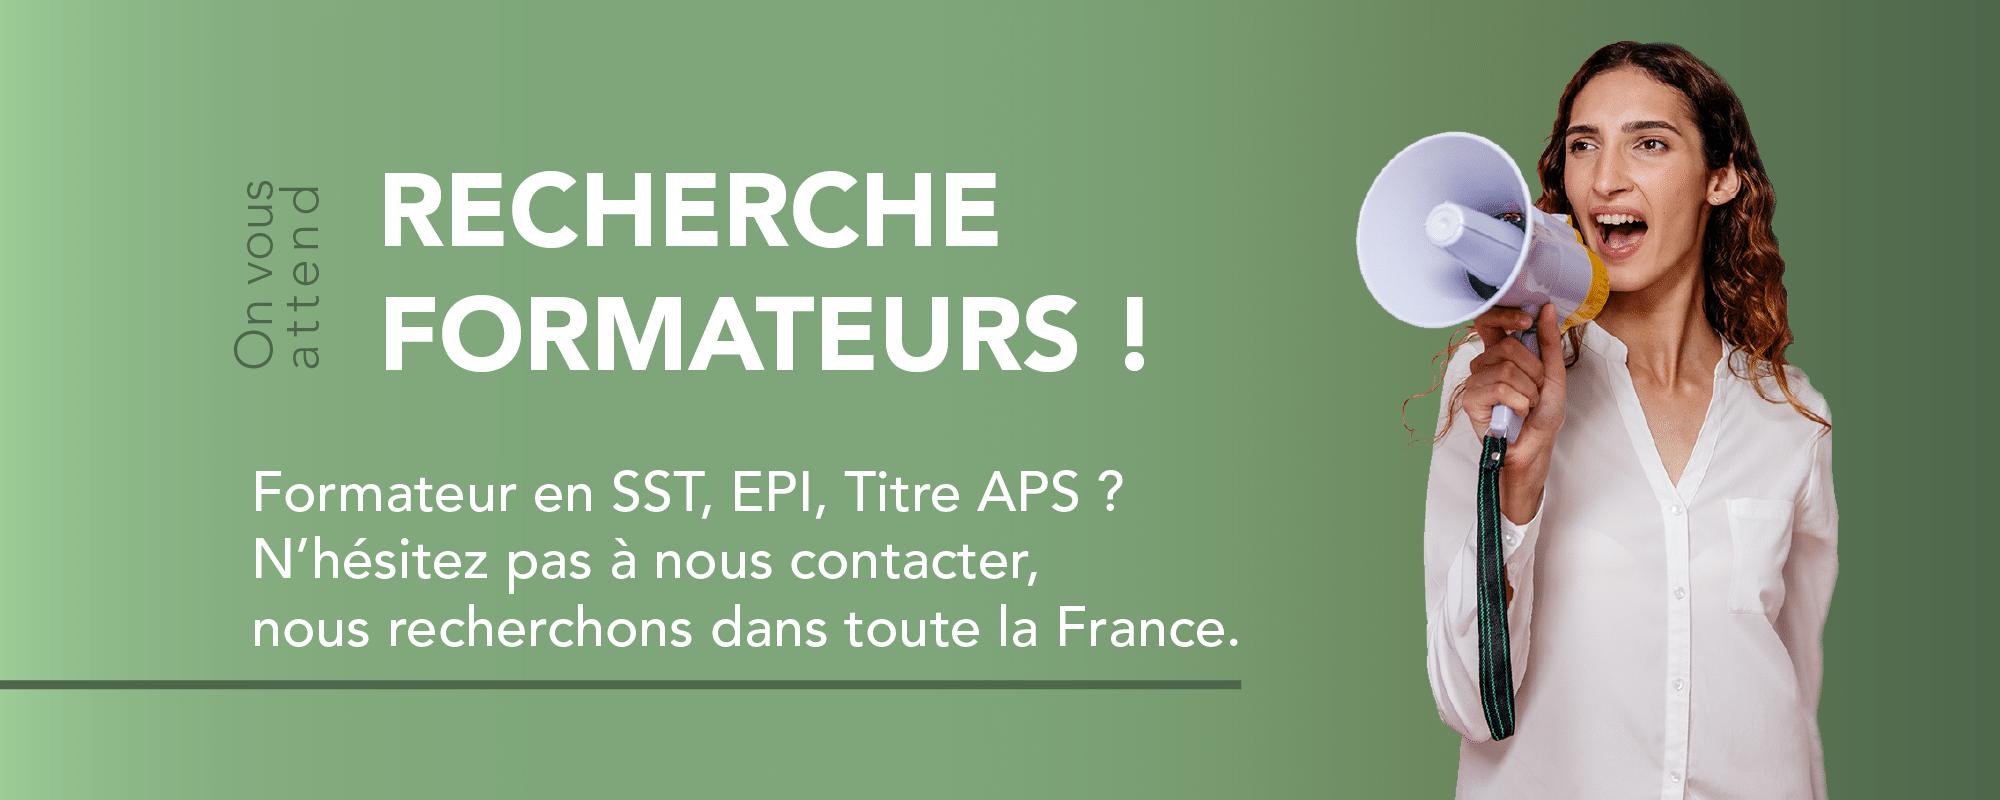 Recrutement formateurs EPI SST Titre APS dans toute la France